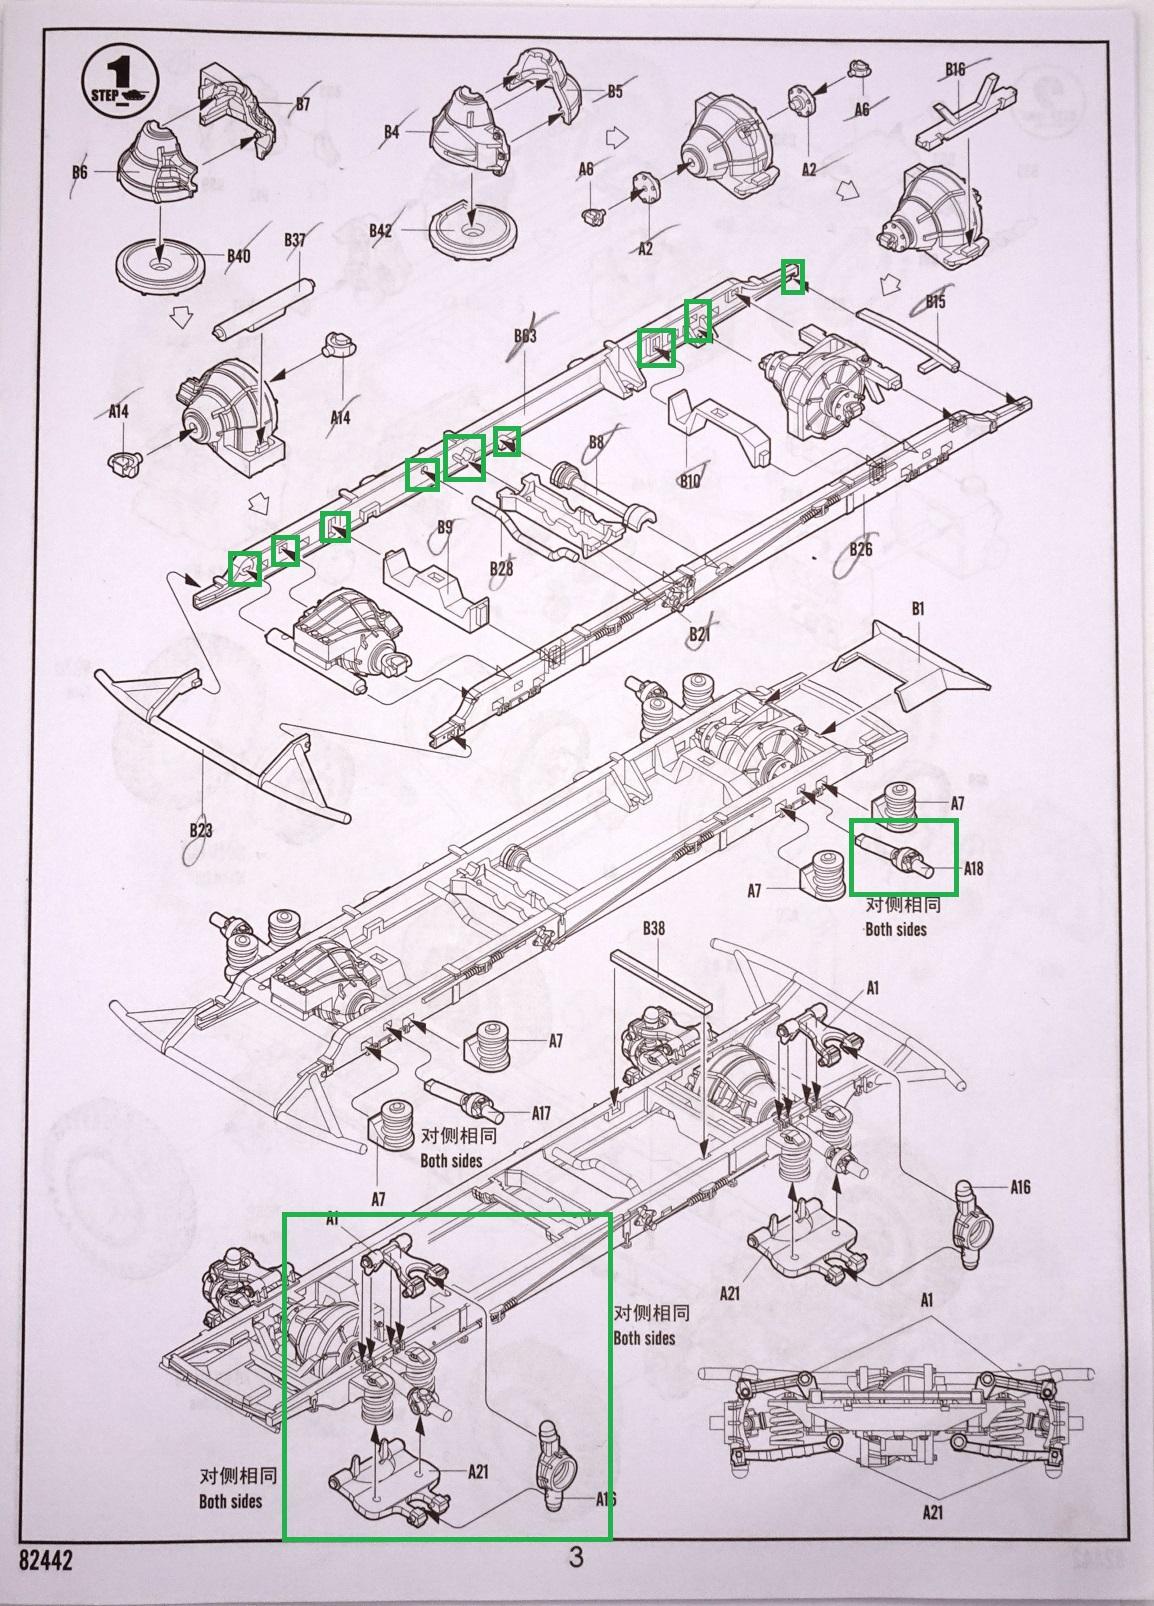 [Hobby Boss 1/35°] Sd.Kfz. 222 Leichter Panzerspähwagen 222-plchassis